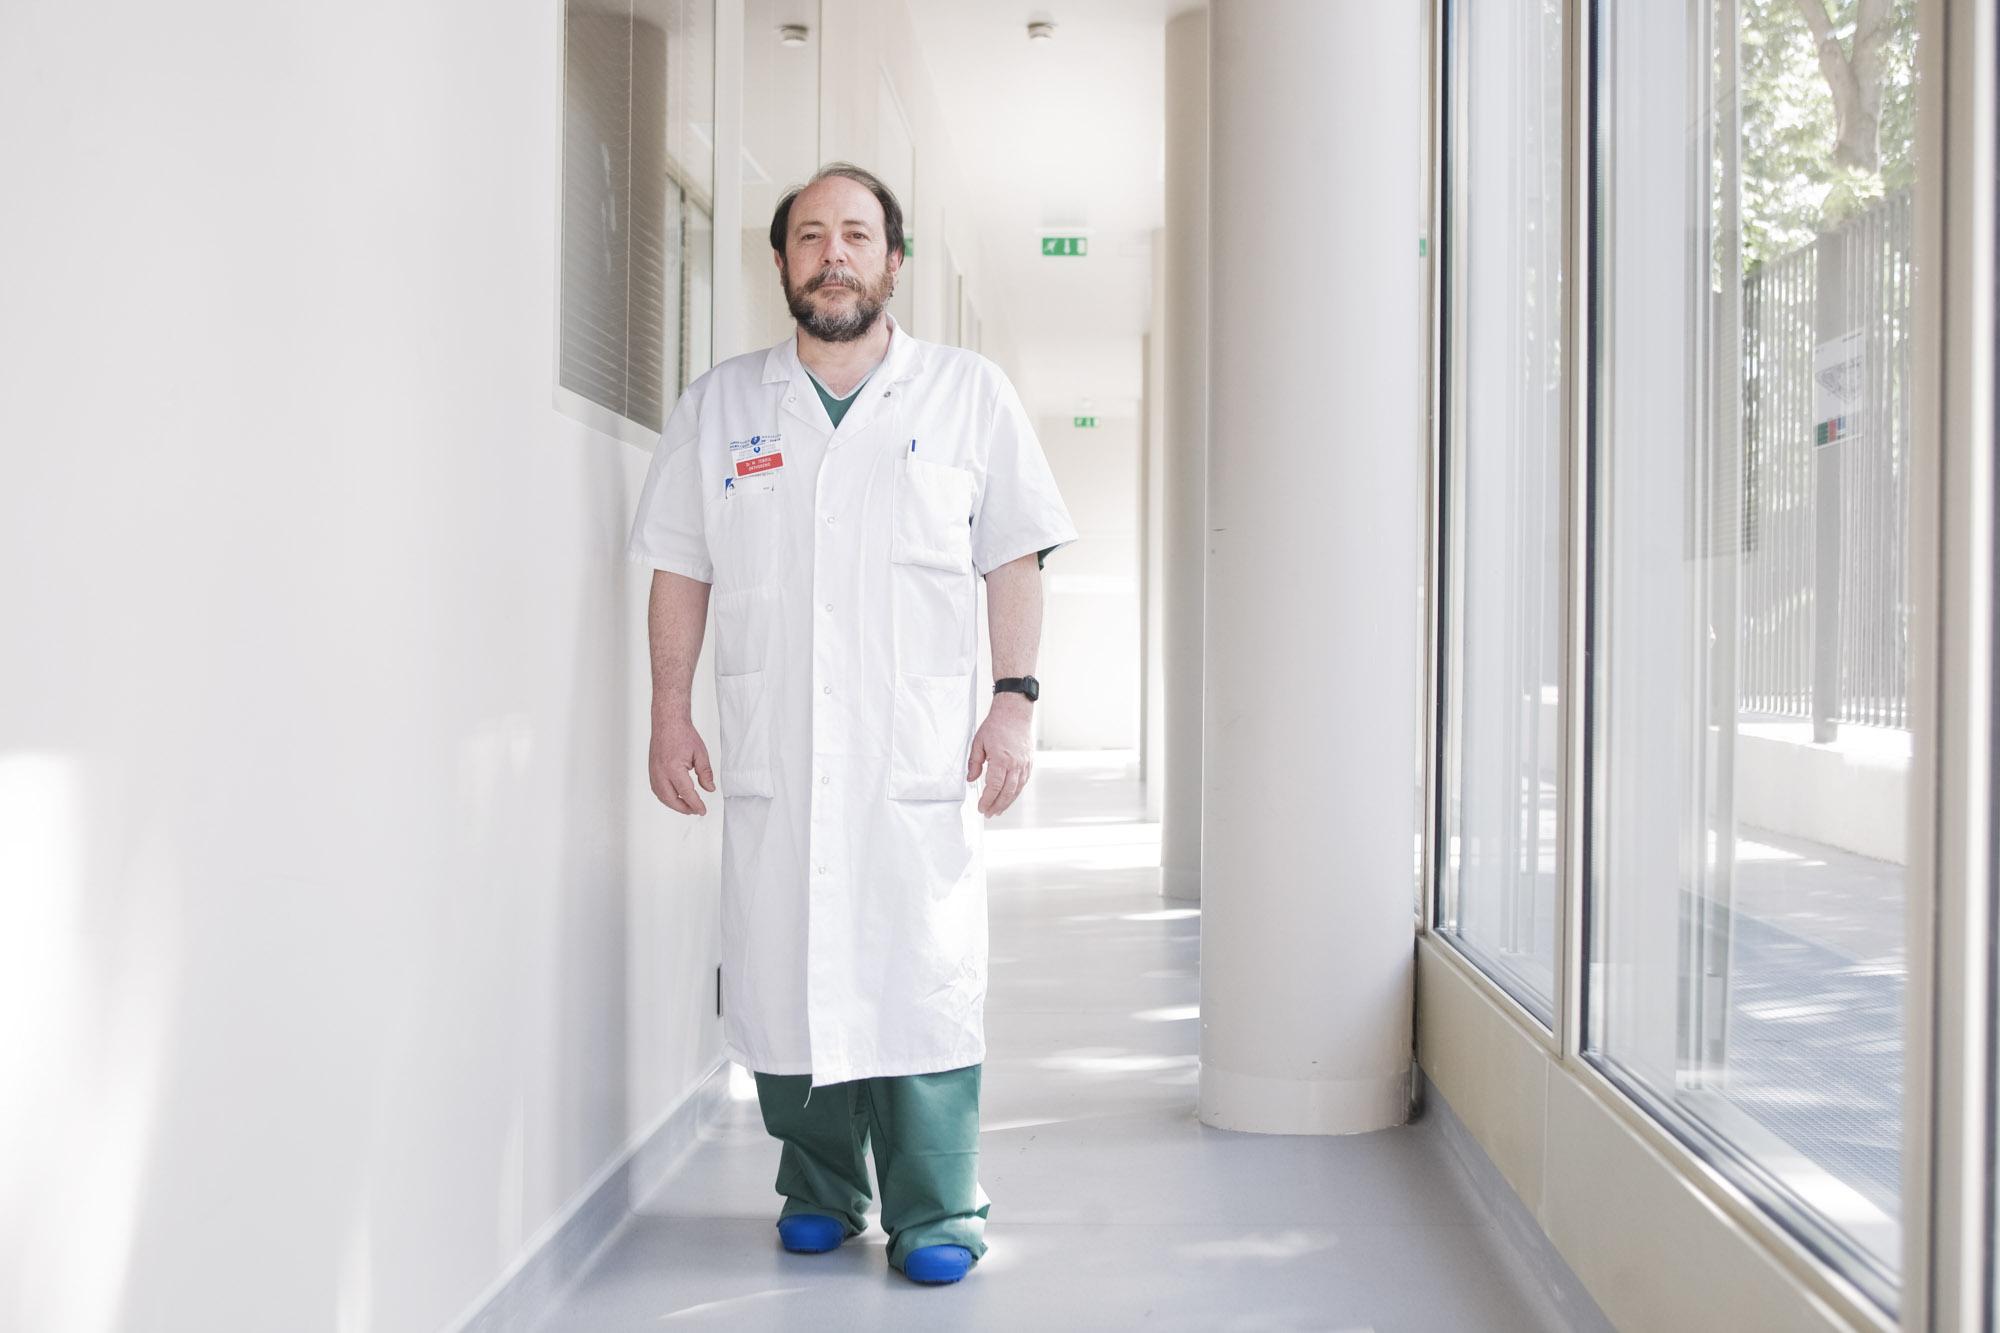 Le Dr Teboul, chef du service d'orthogenie de l'hopital Cochin, a Paris